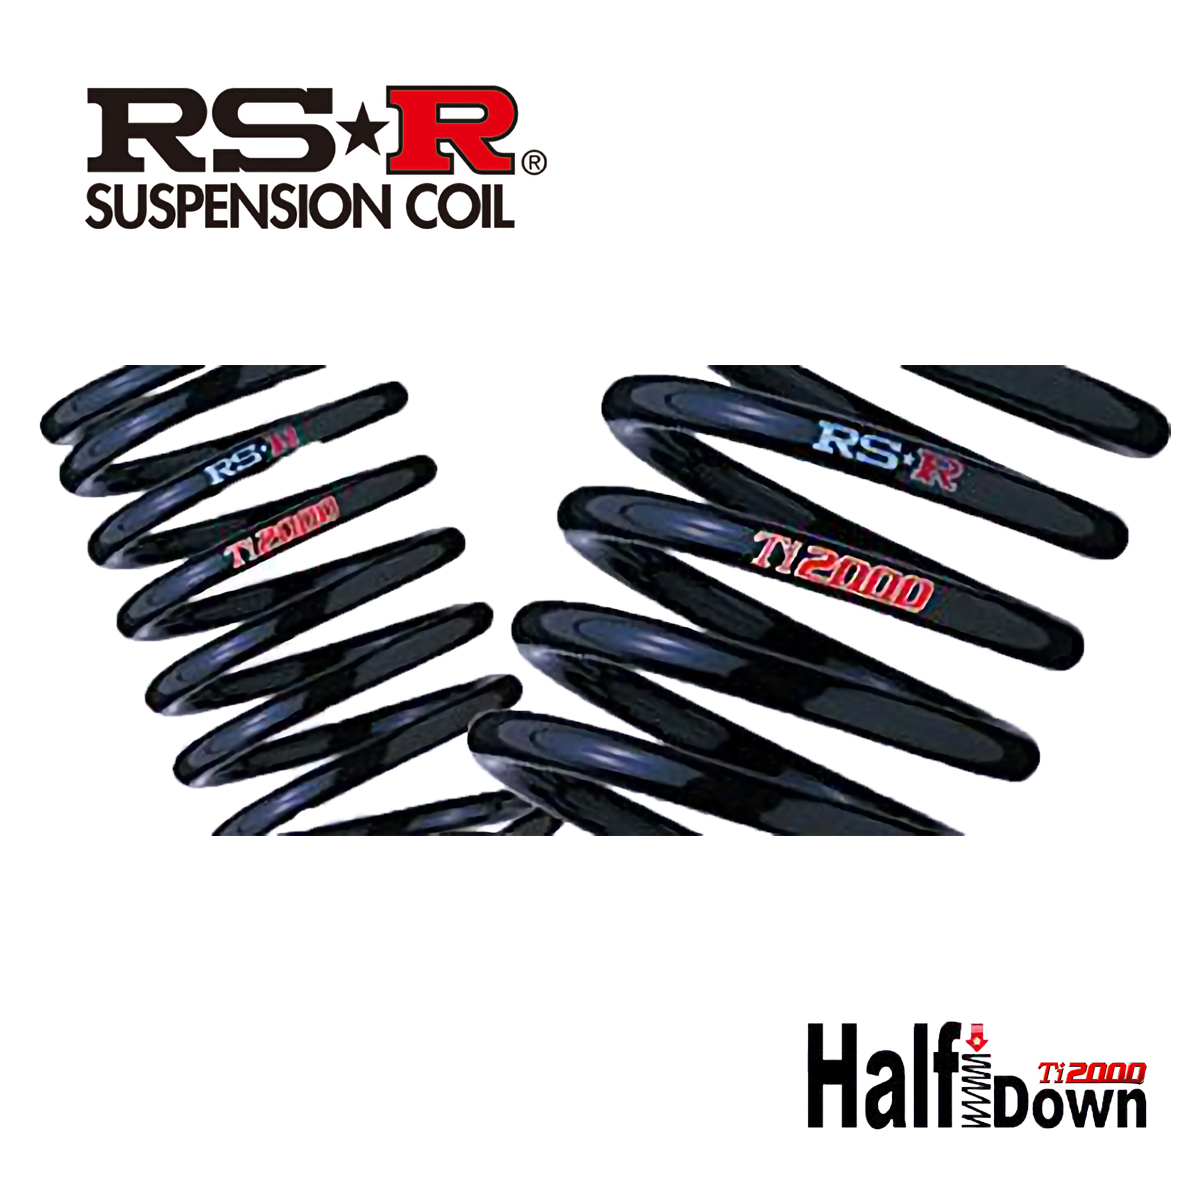 セール特価品 RS R RSR Ti2000 DOWN ロードスター ND5RC サスペンション関連 個人宅発送追金有 スプリング リアのみ 定価の67%OFF M031TDR ダウン ダウンサス RS-R